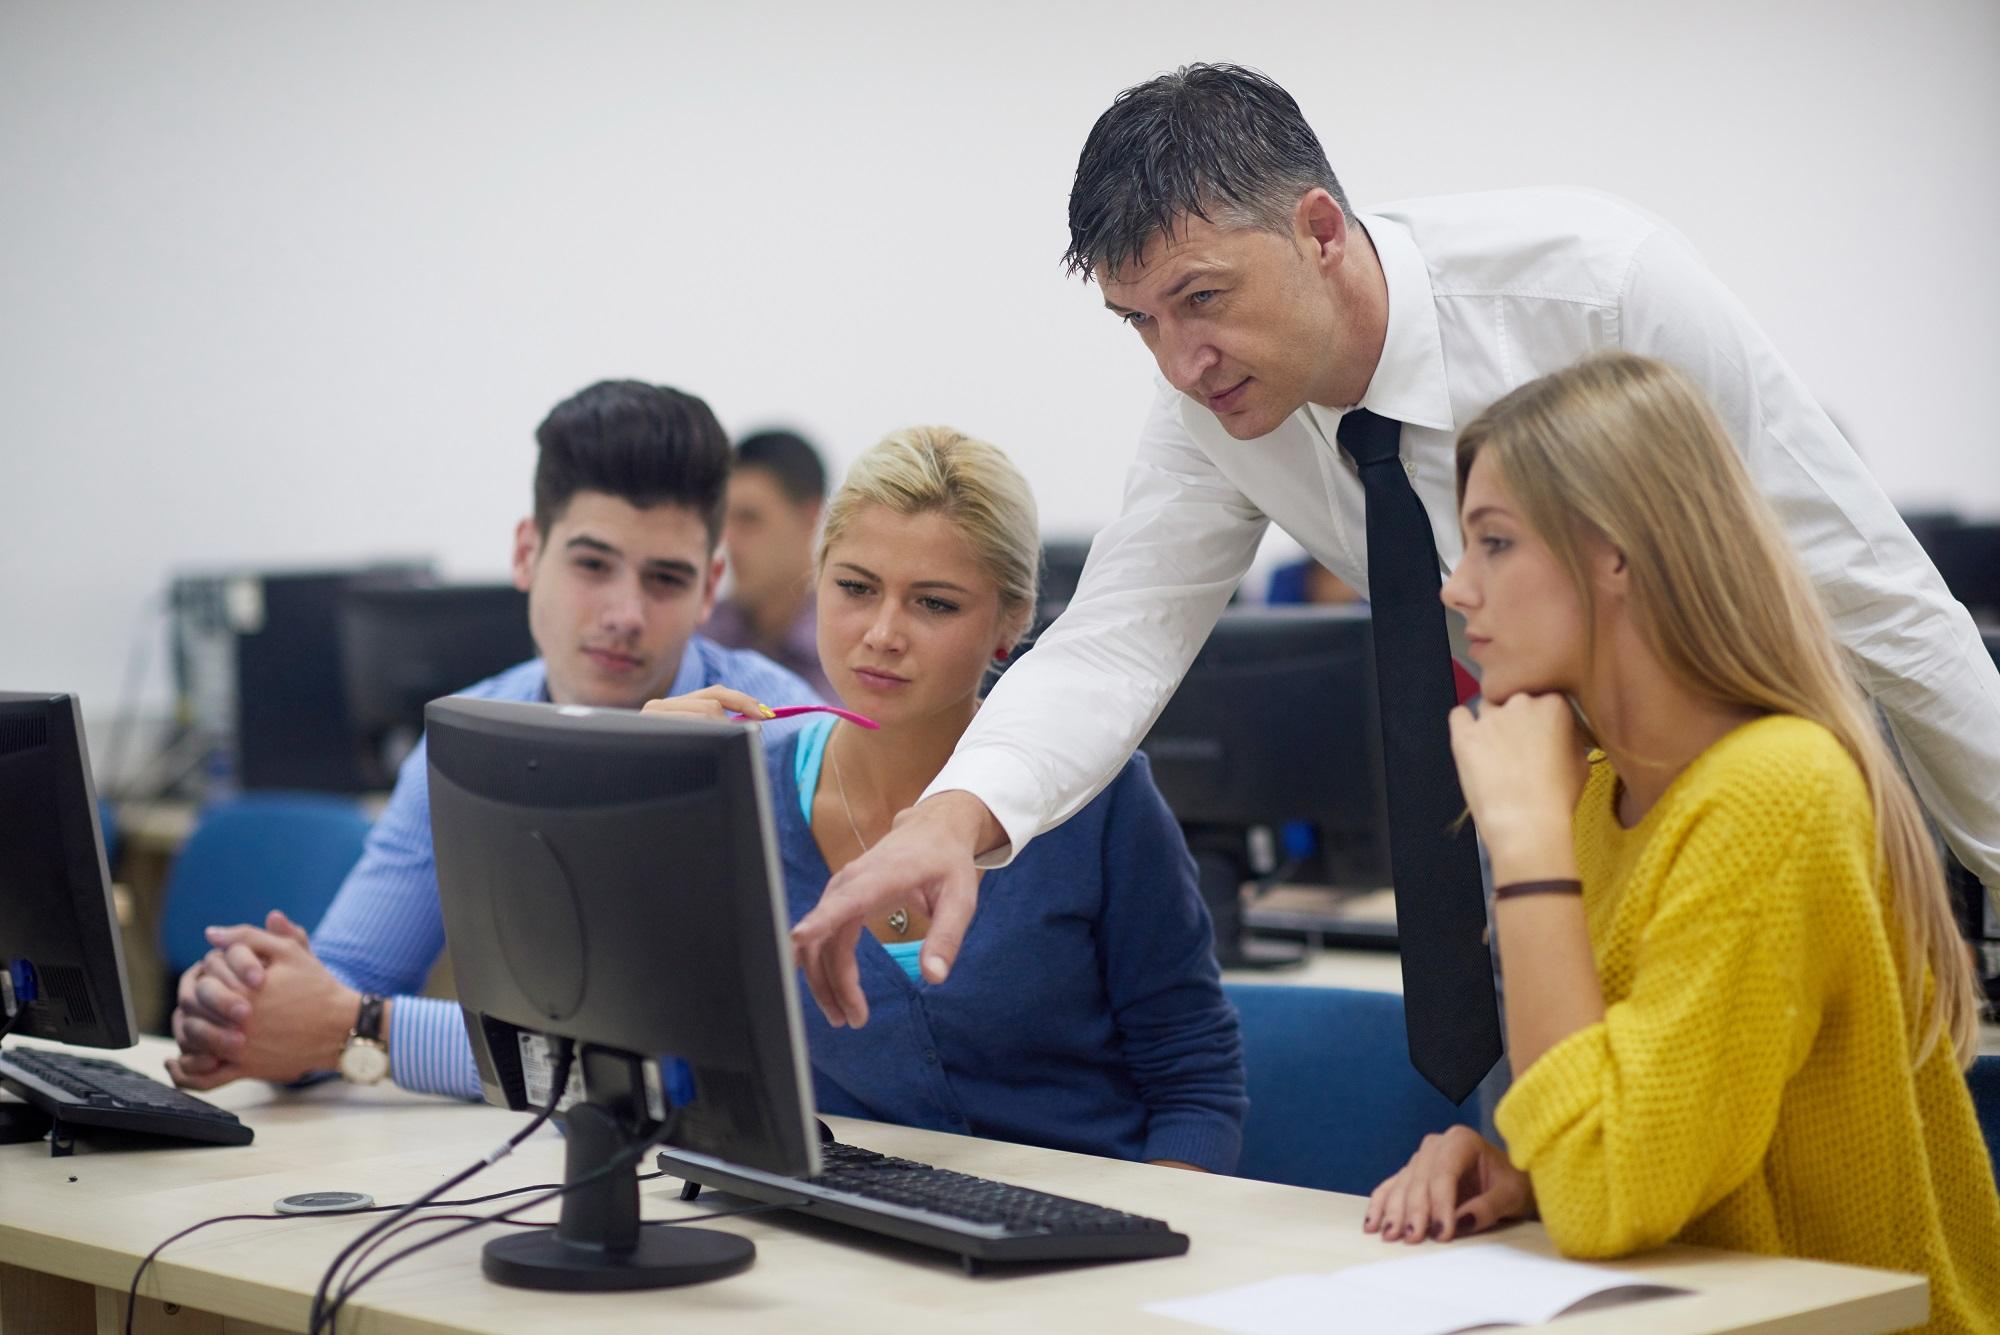 סטודנטים בכיתת מחשבים עם מורה